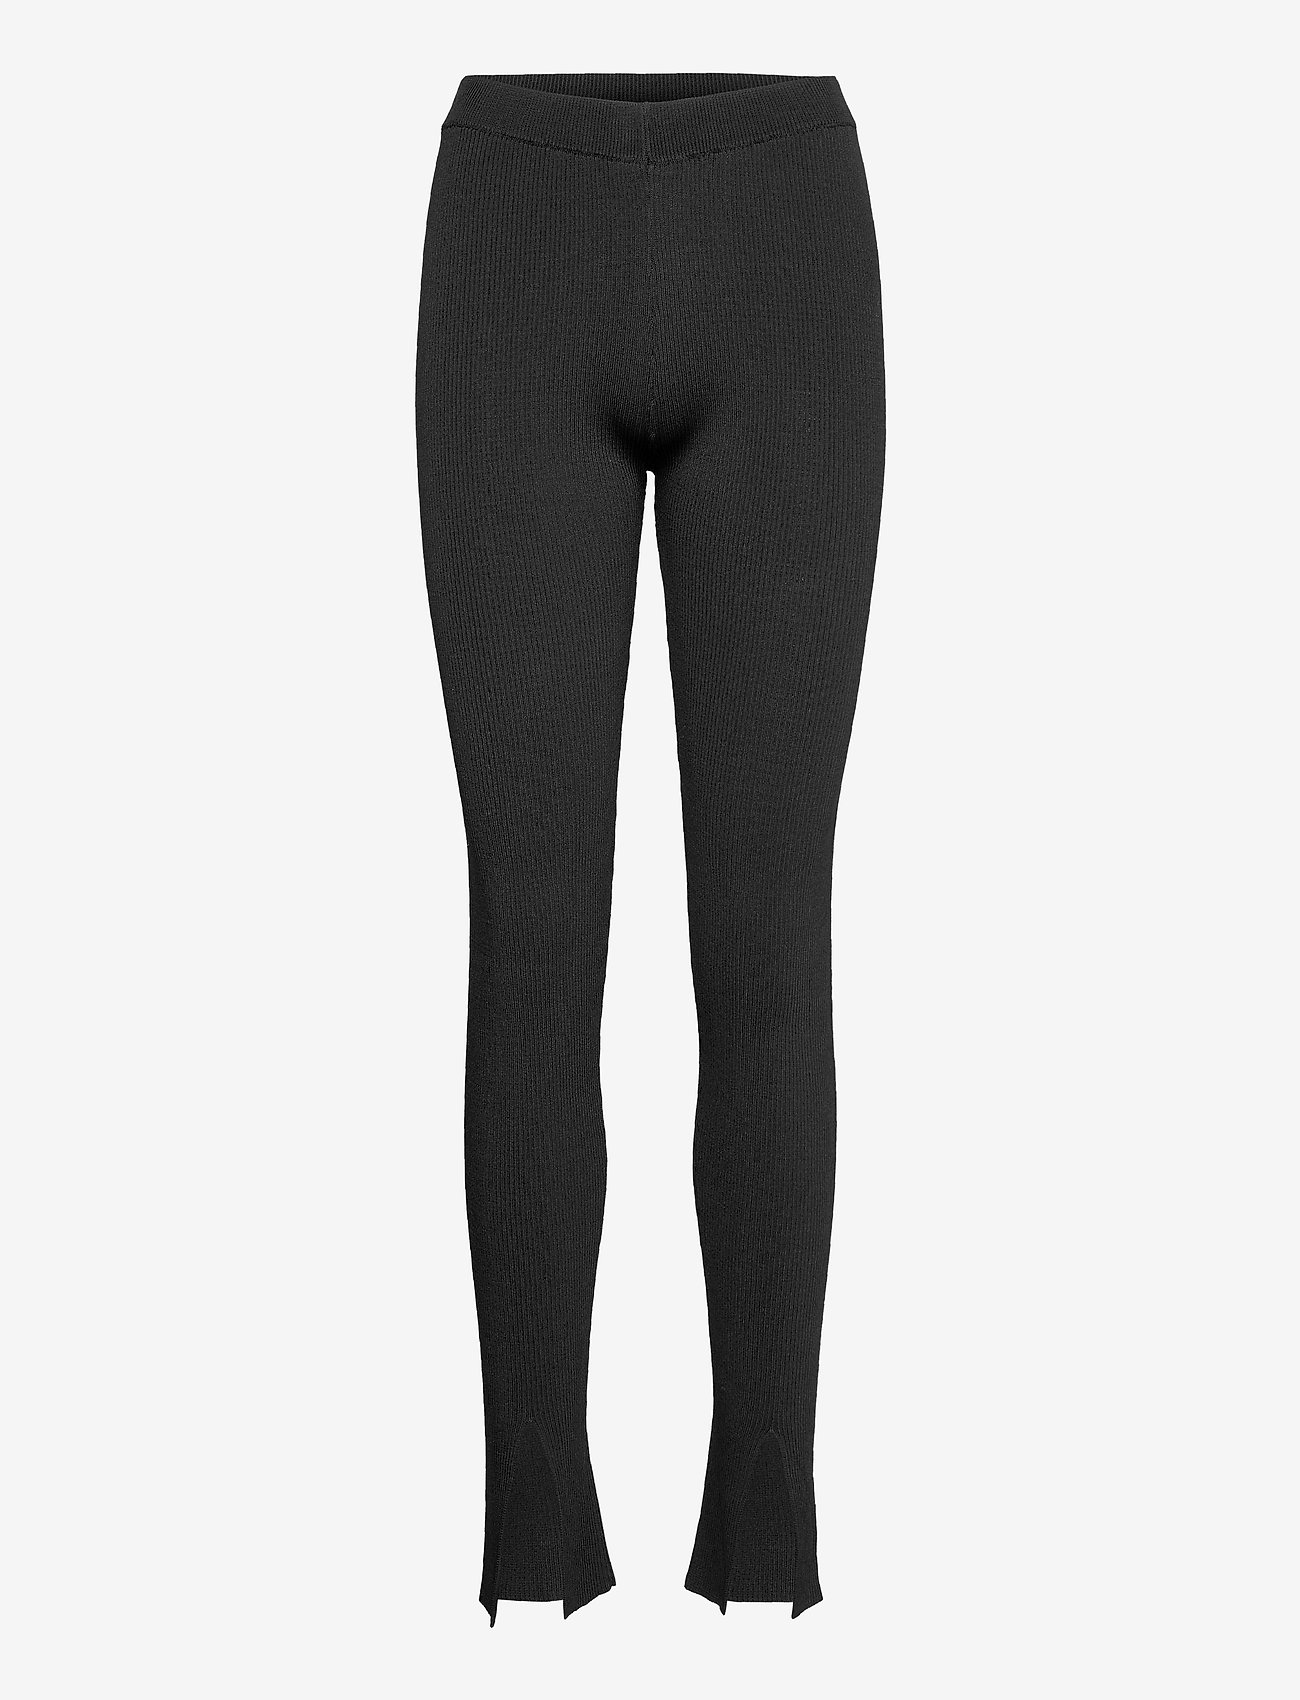 Birgitte Herskind - Paris Leggings - leggings - black - 0